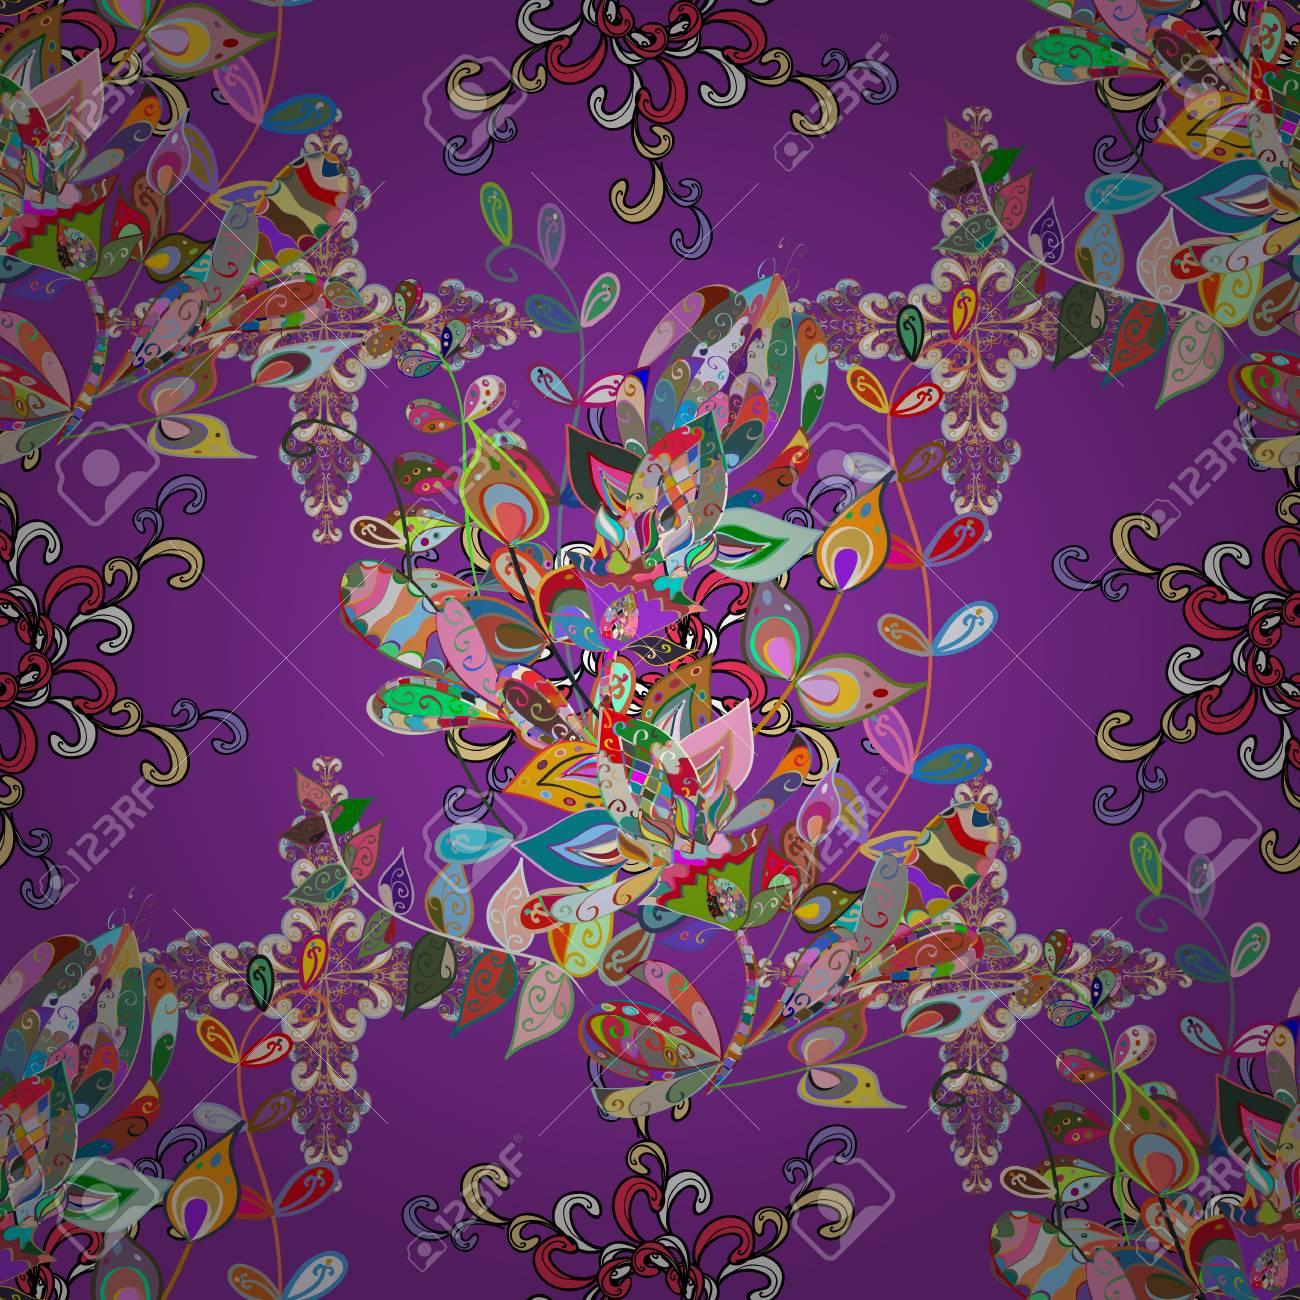 Patrón Floral Para Invitaciones De Boda Tarjetas De Felicitación Scrapbooking Impresión Papel De Regalo Editable Elegante Diseño Inconsútil Con